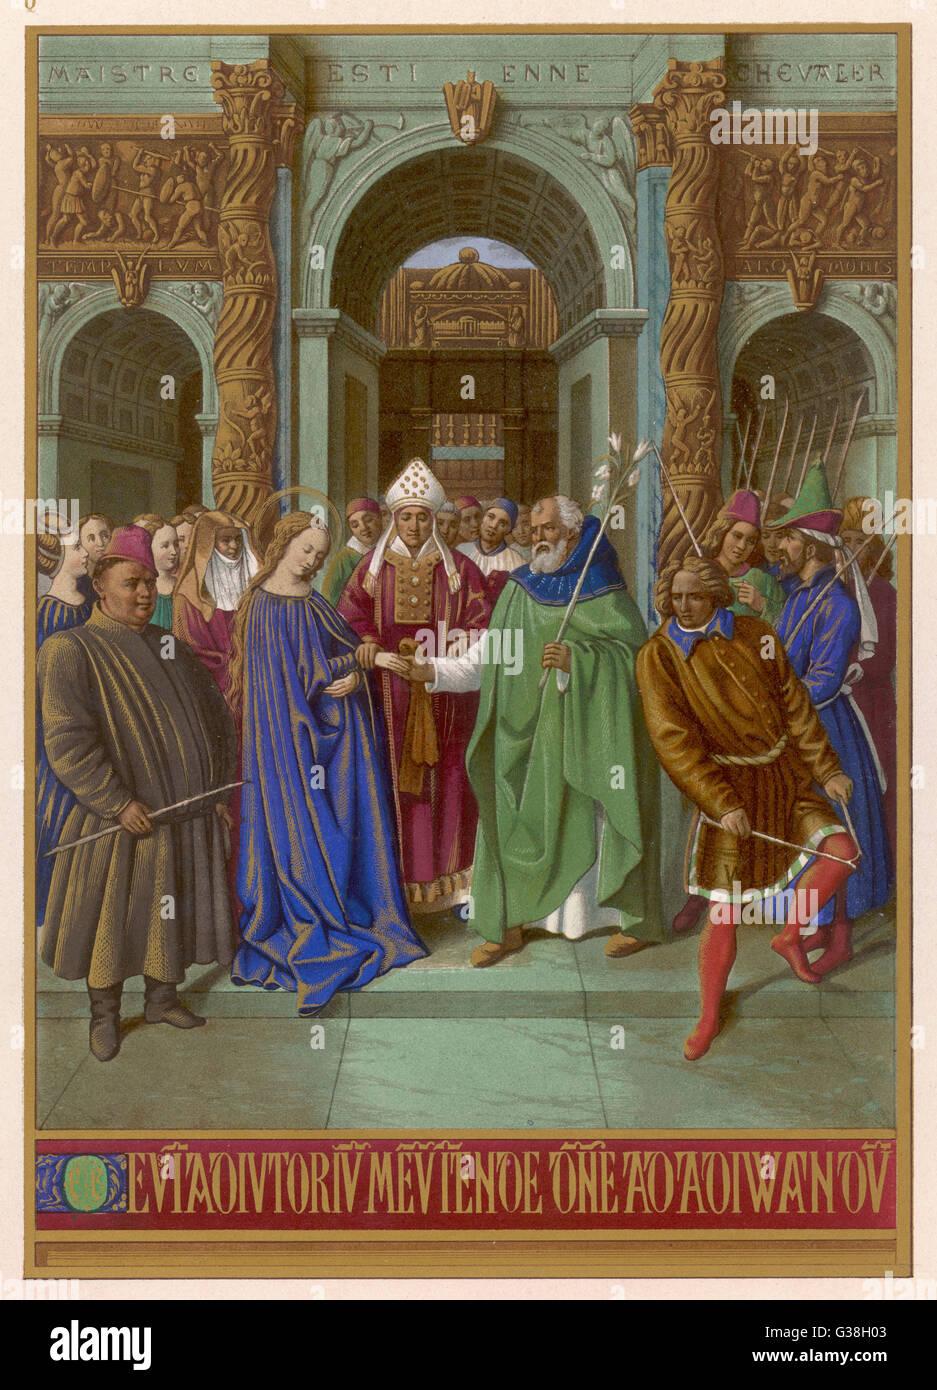 Maria, aber lebenslanges Jungfräulichkeit verpflichtet verheiratete ältere Joseph; enttäuschte Freiern Stockbild